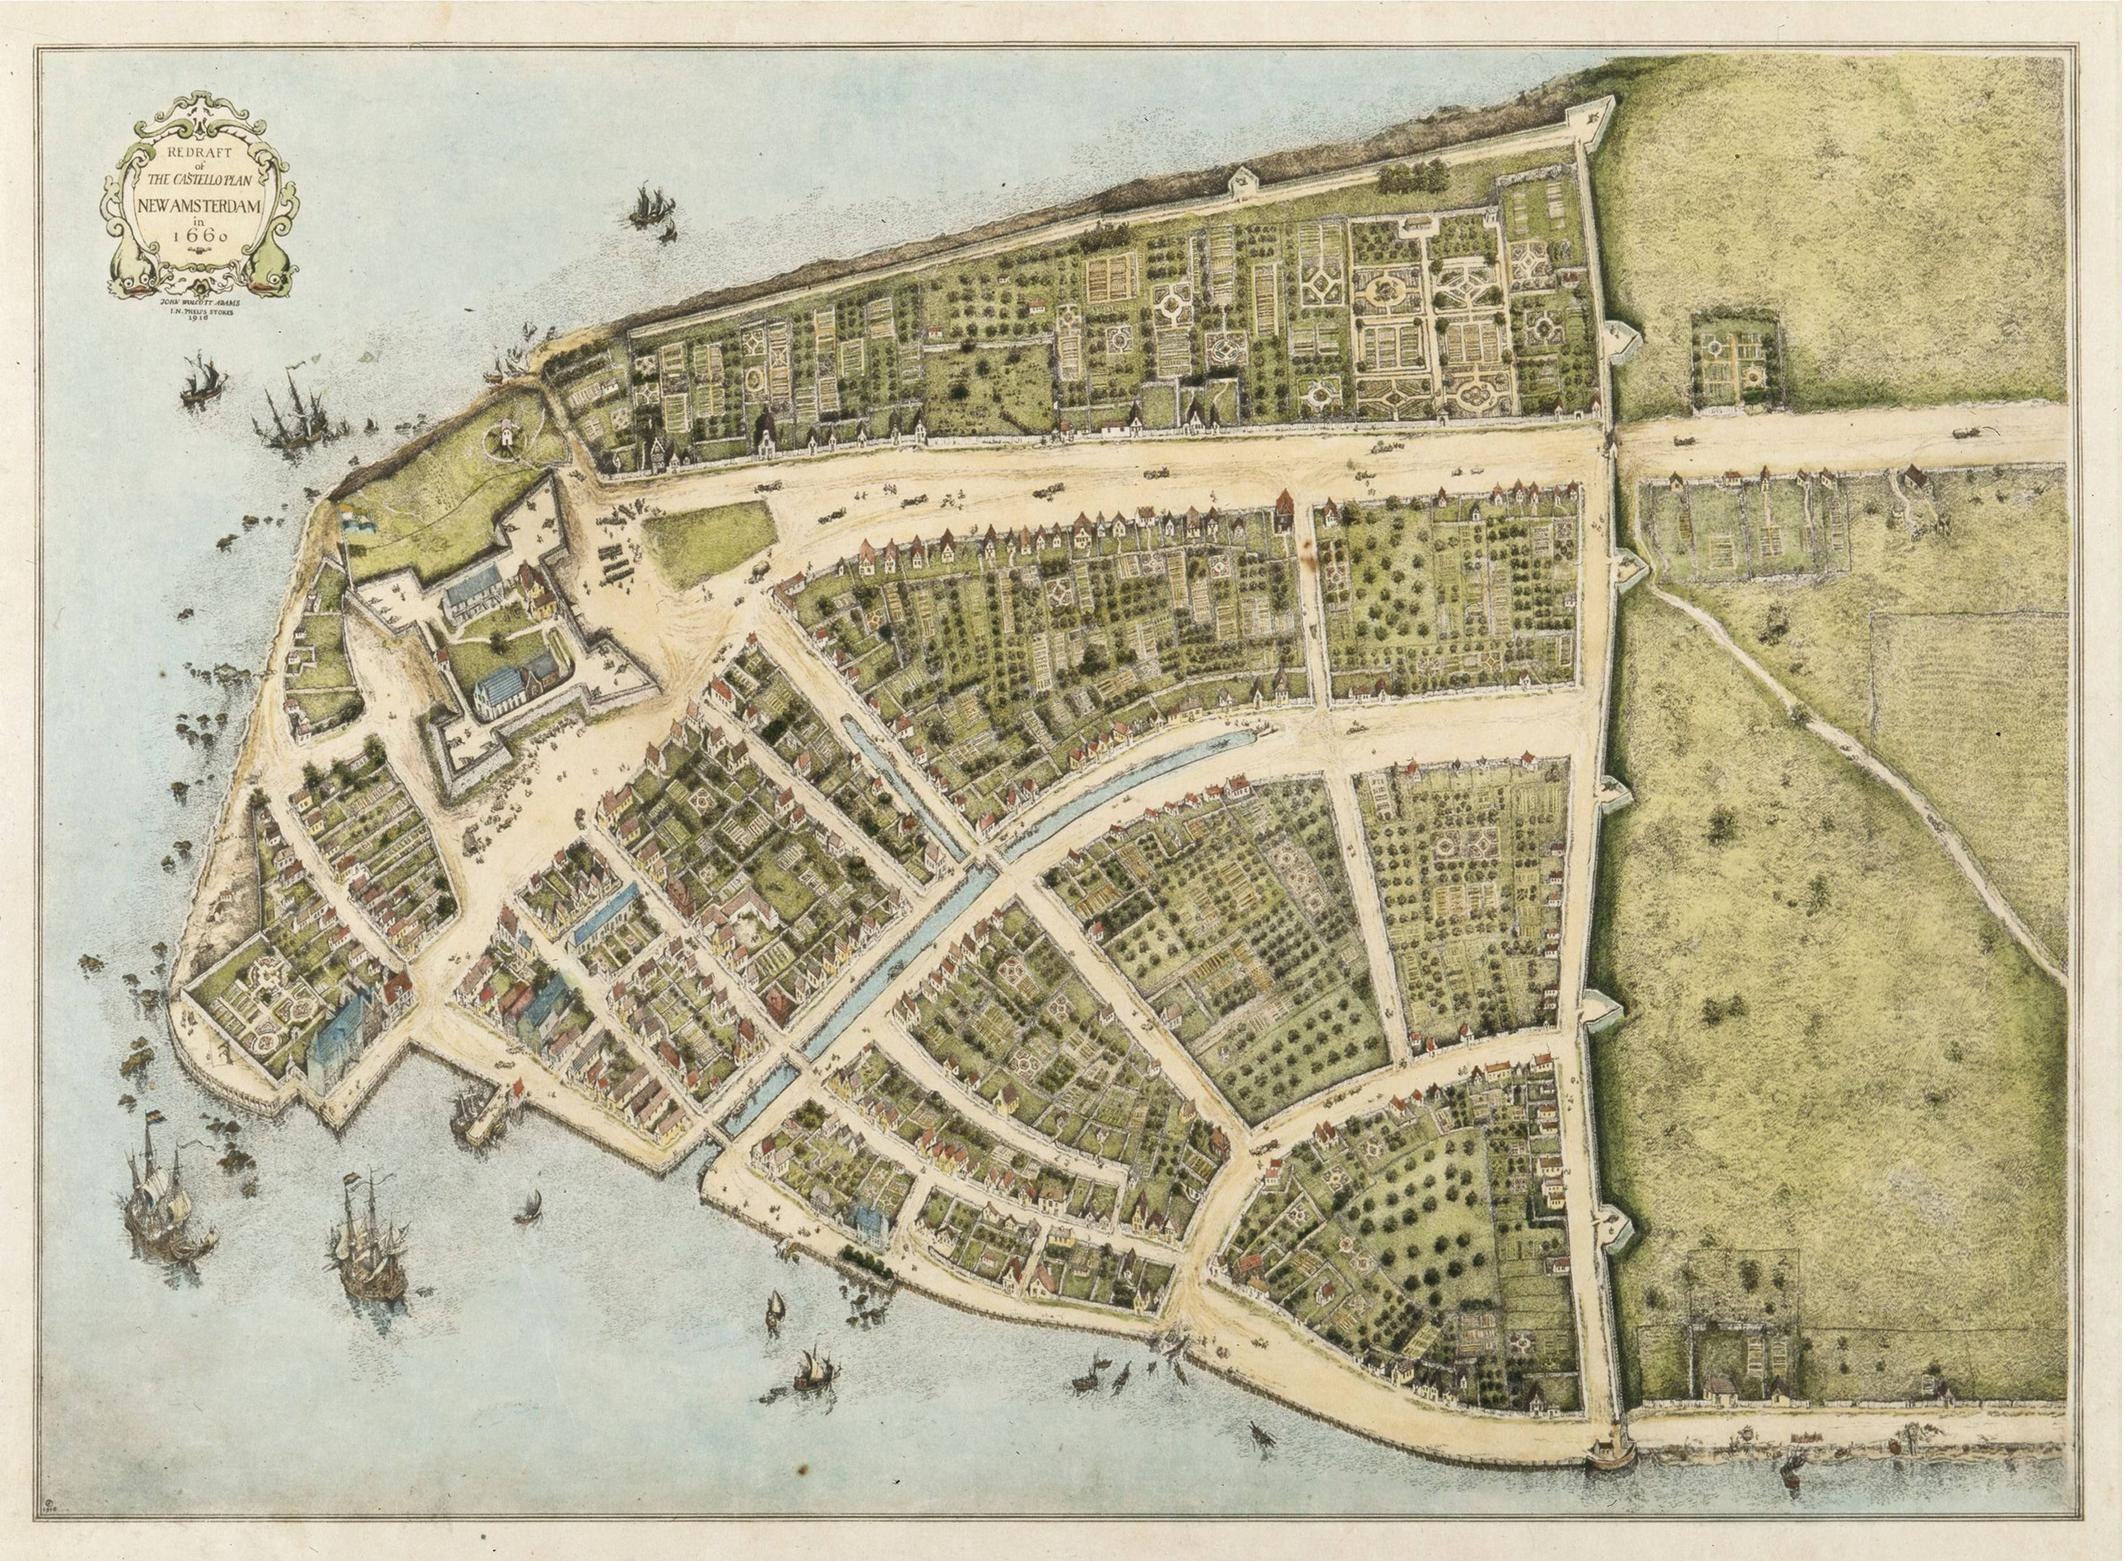 Afbeeldingsresultaat voor old picture new amsterdam